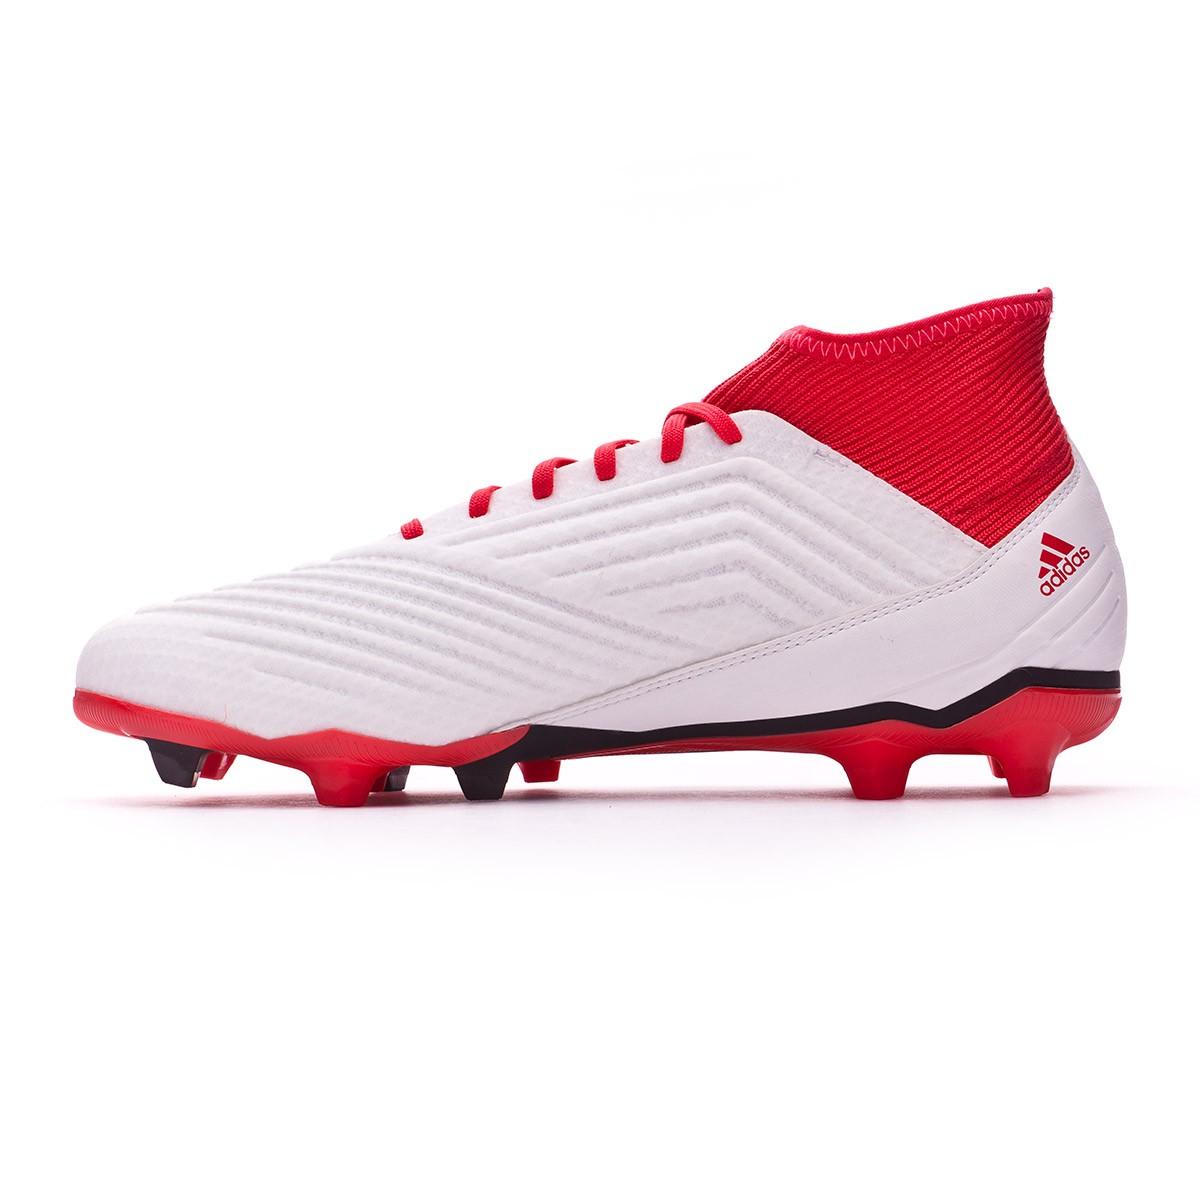 d26feaf46d599 Zapatos de fútbol adidas Predator 18.3 FG White-Core black-Real coral -  Tienda de fútbol Fútbol Emotion